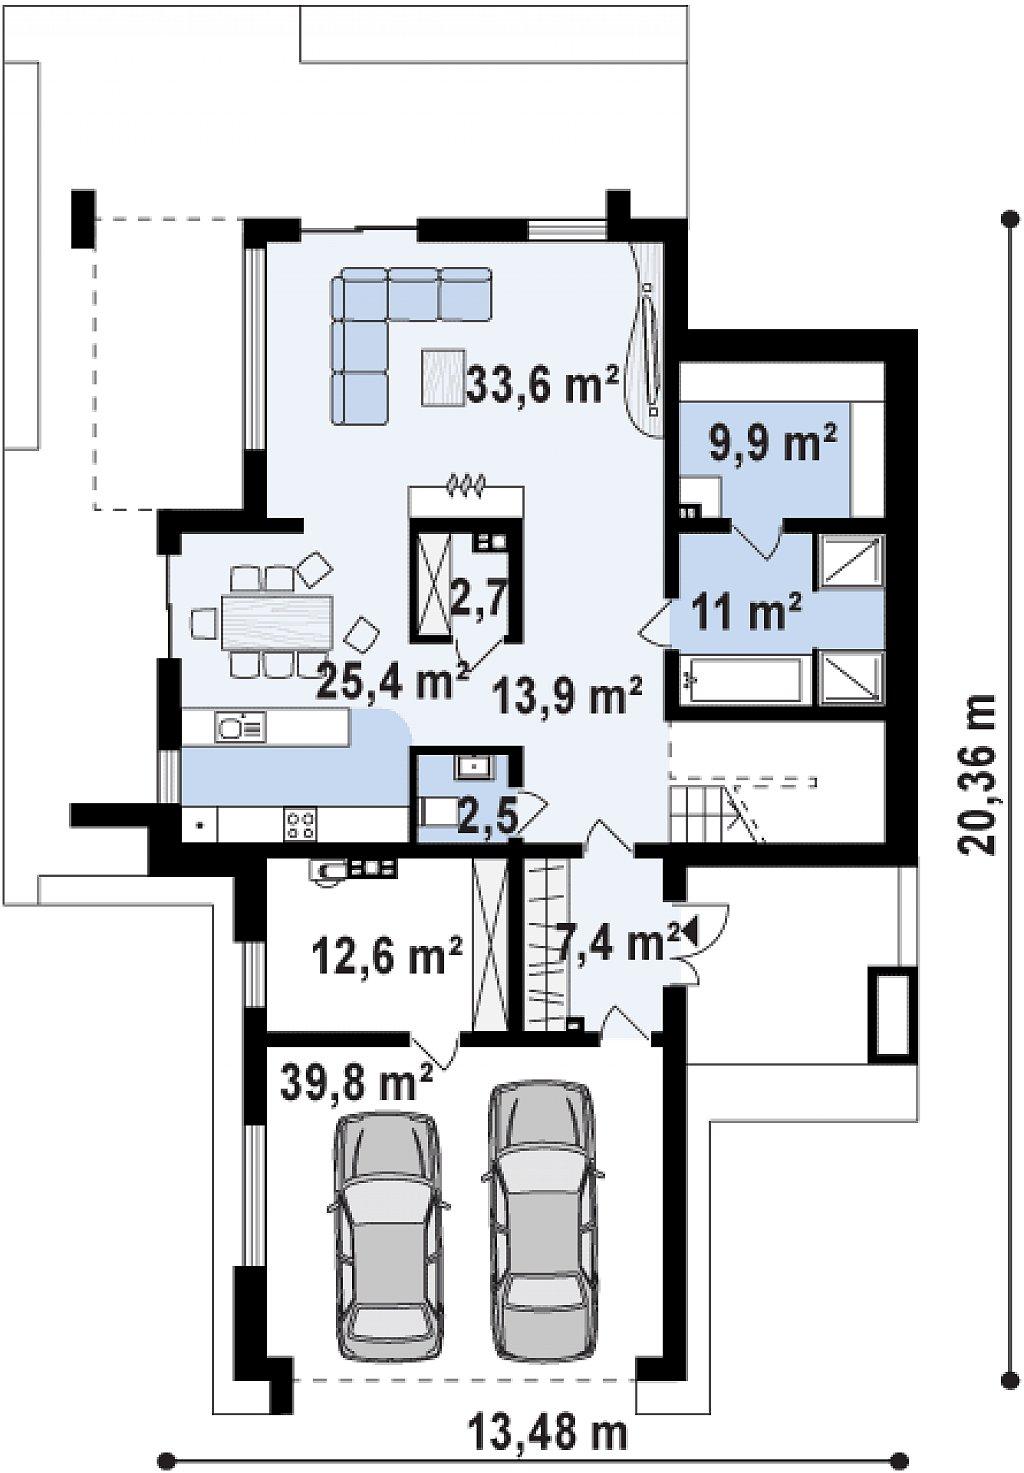 Современный комфортный двухэтажный дом с баней план помещений 1